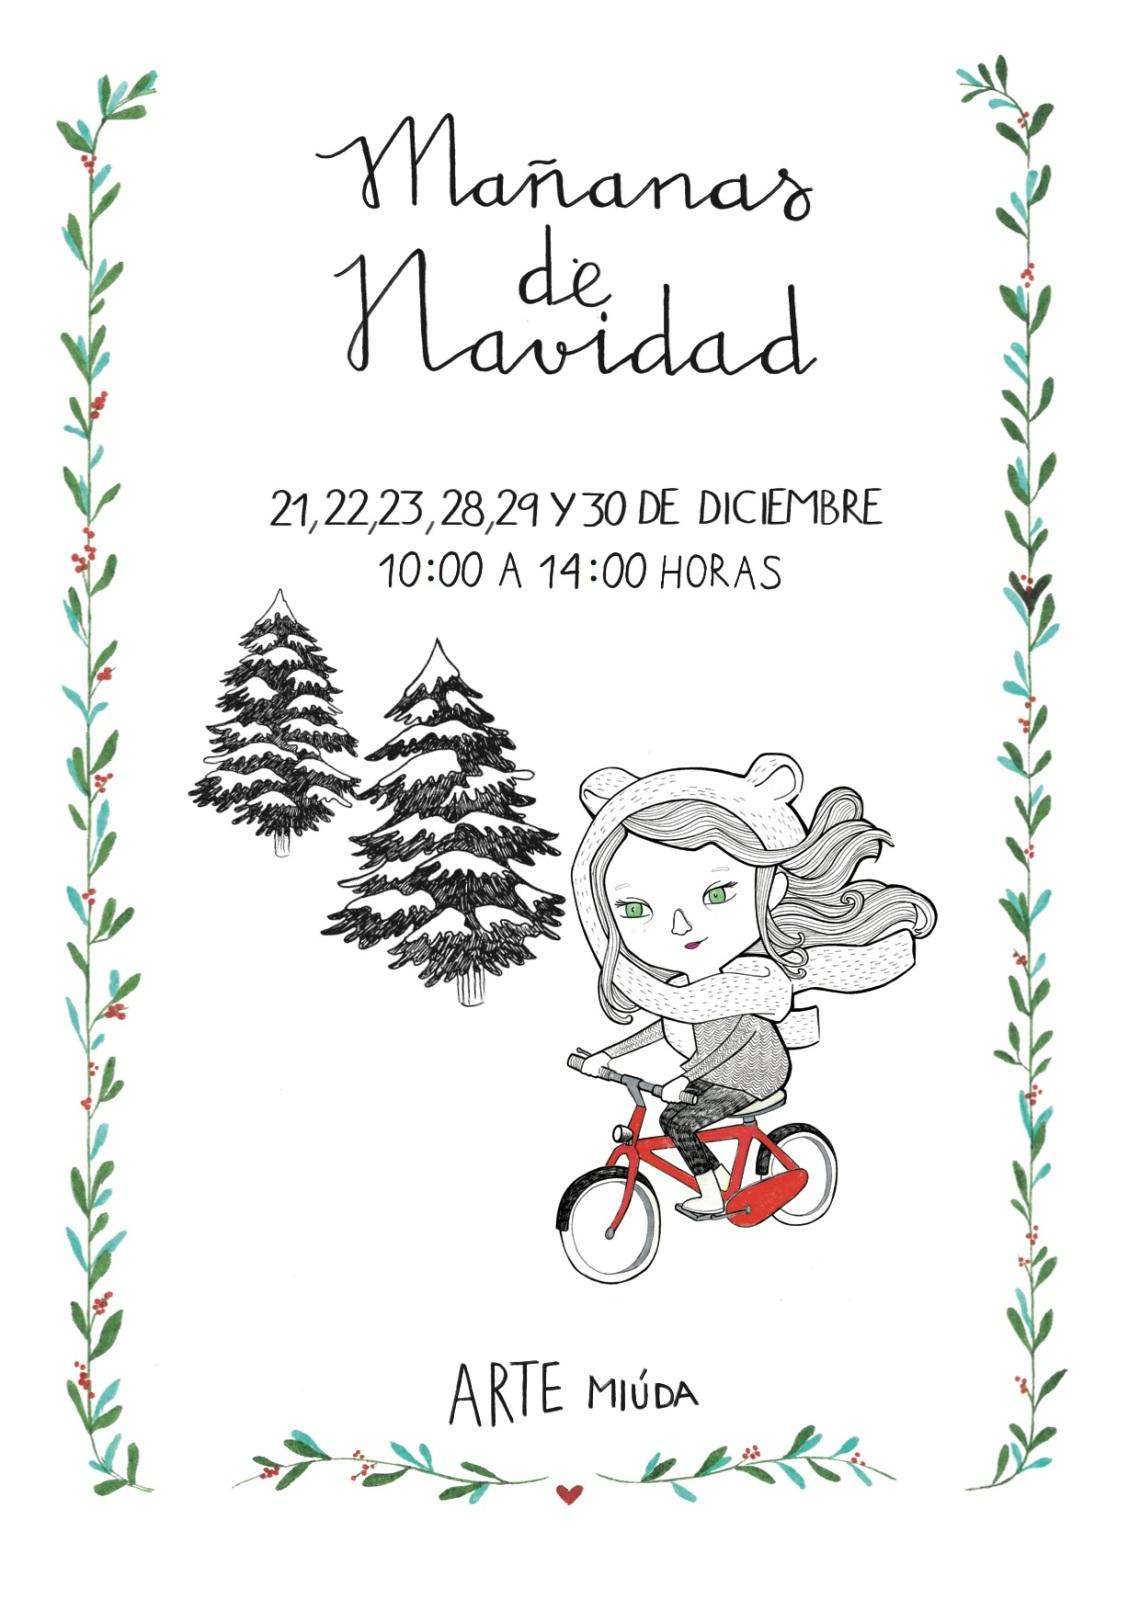 Navidad 2015, Arte Miúda, Cartel diseñado por Clara Pisón López